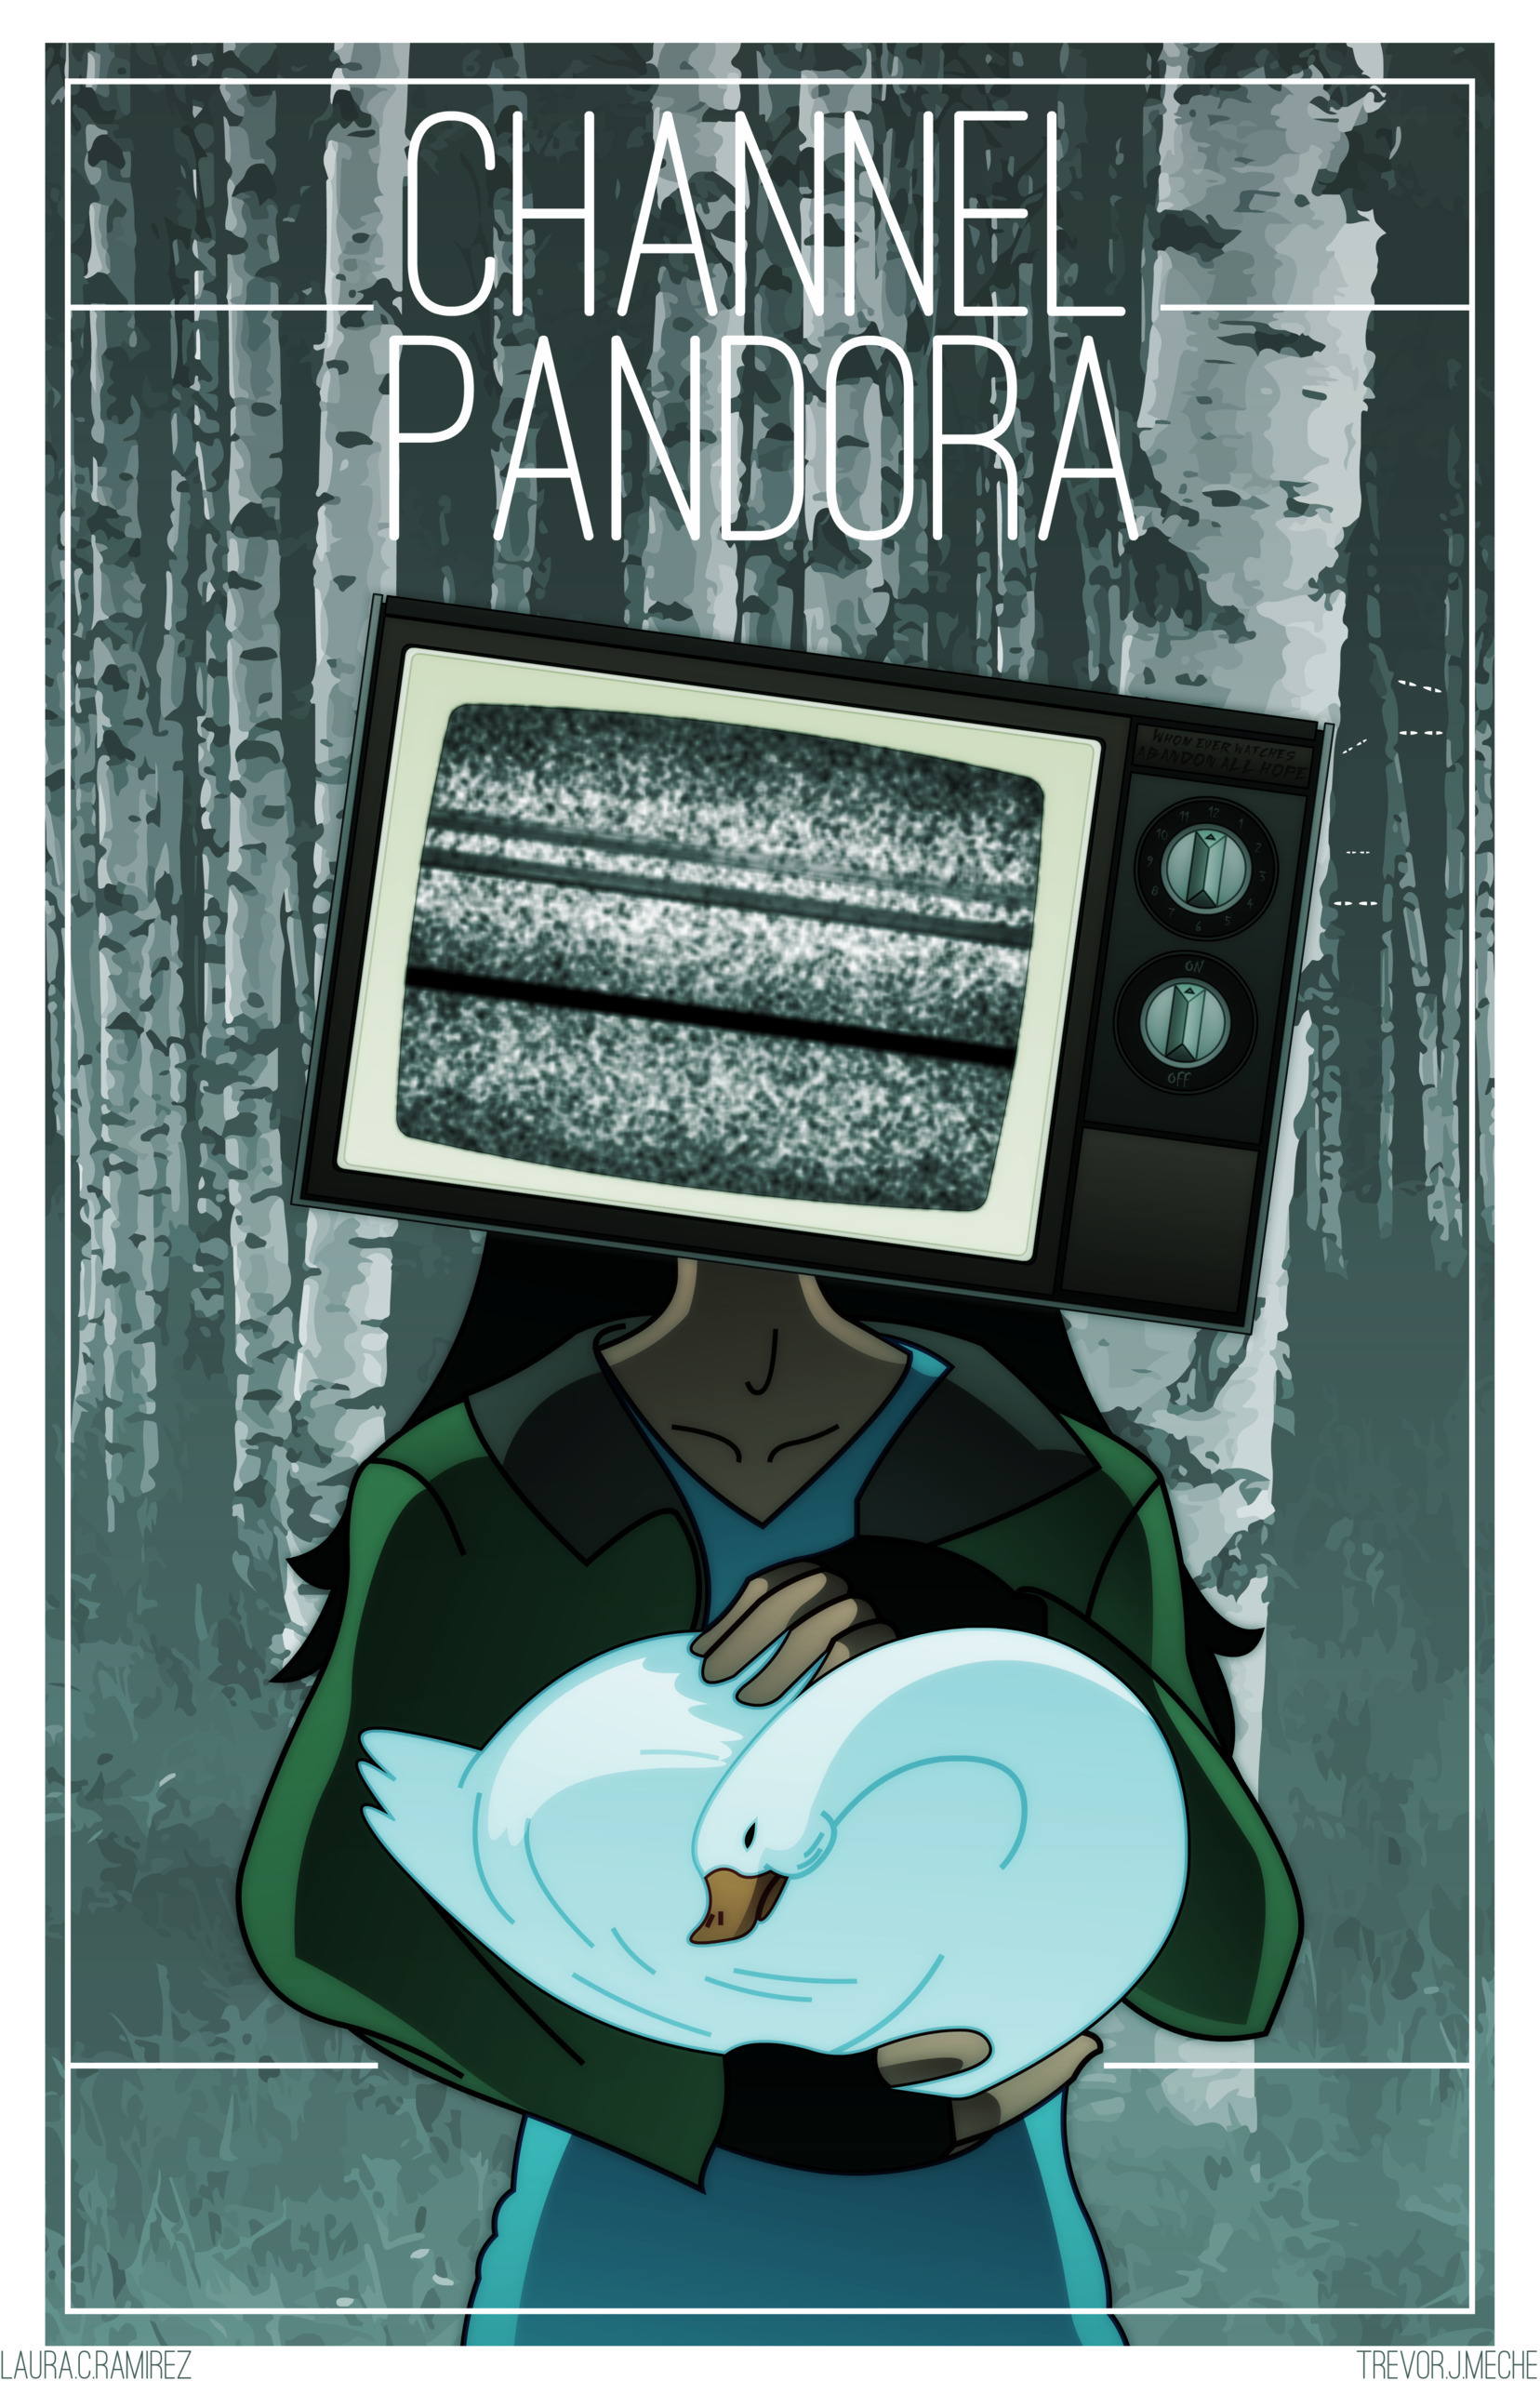 Channel Pandora: Paige Poster c - nakkers | ello